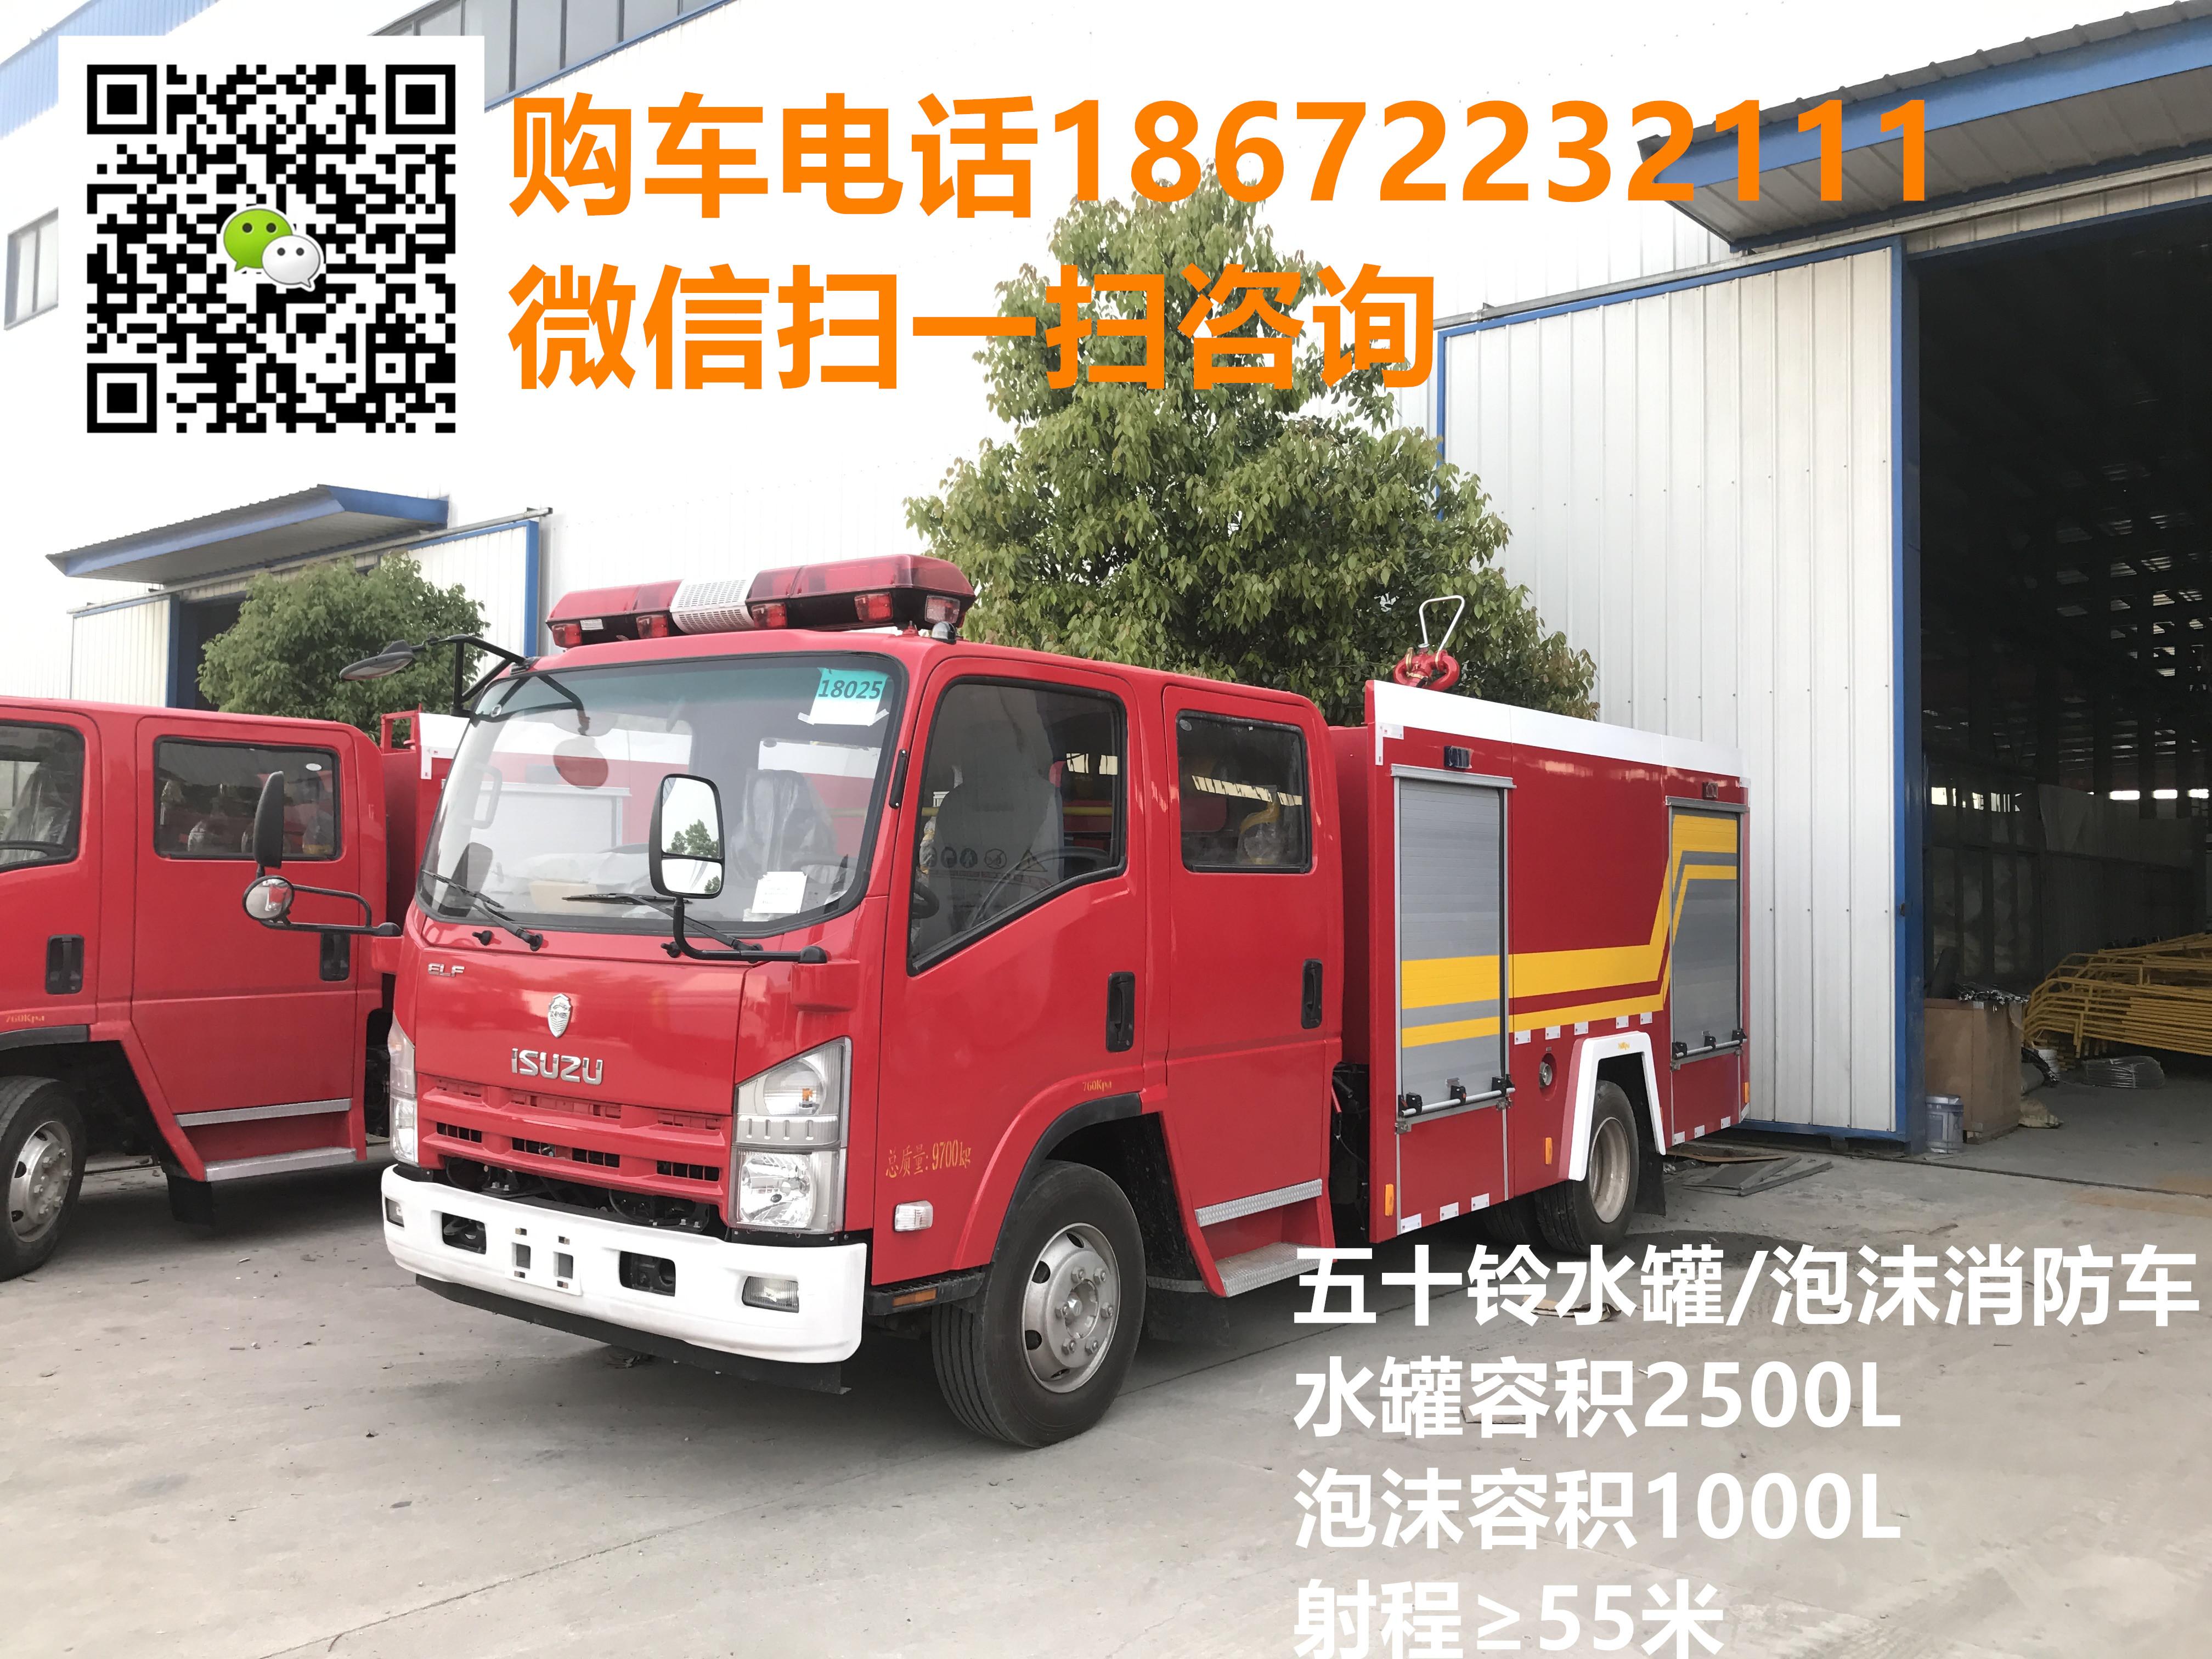 福建水罐消防车多少钱